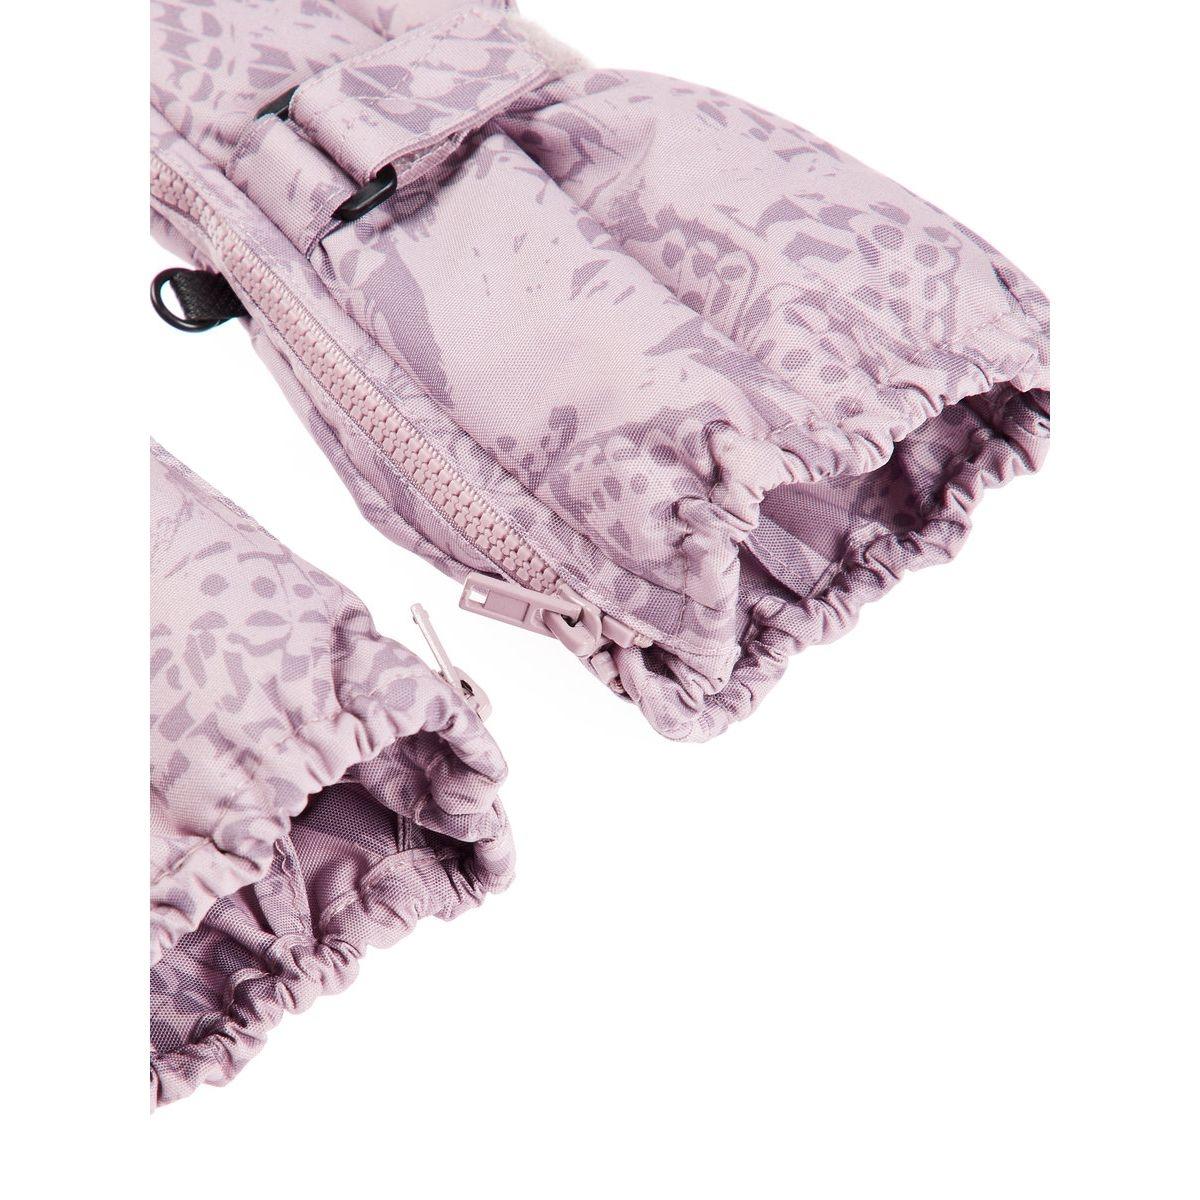 Moufles imperméables doublure en laine